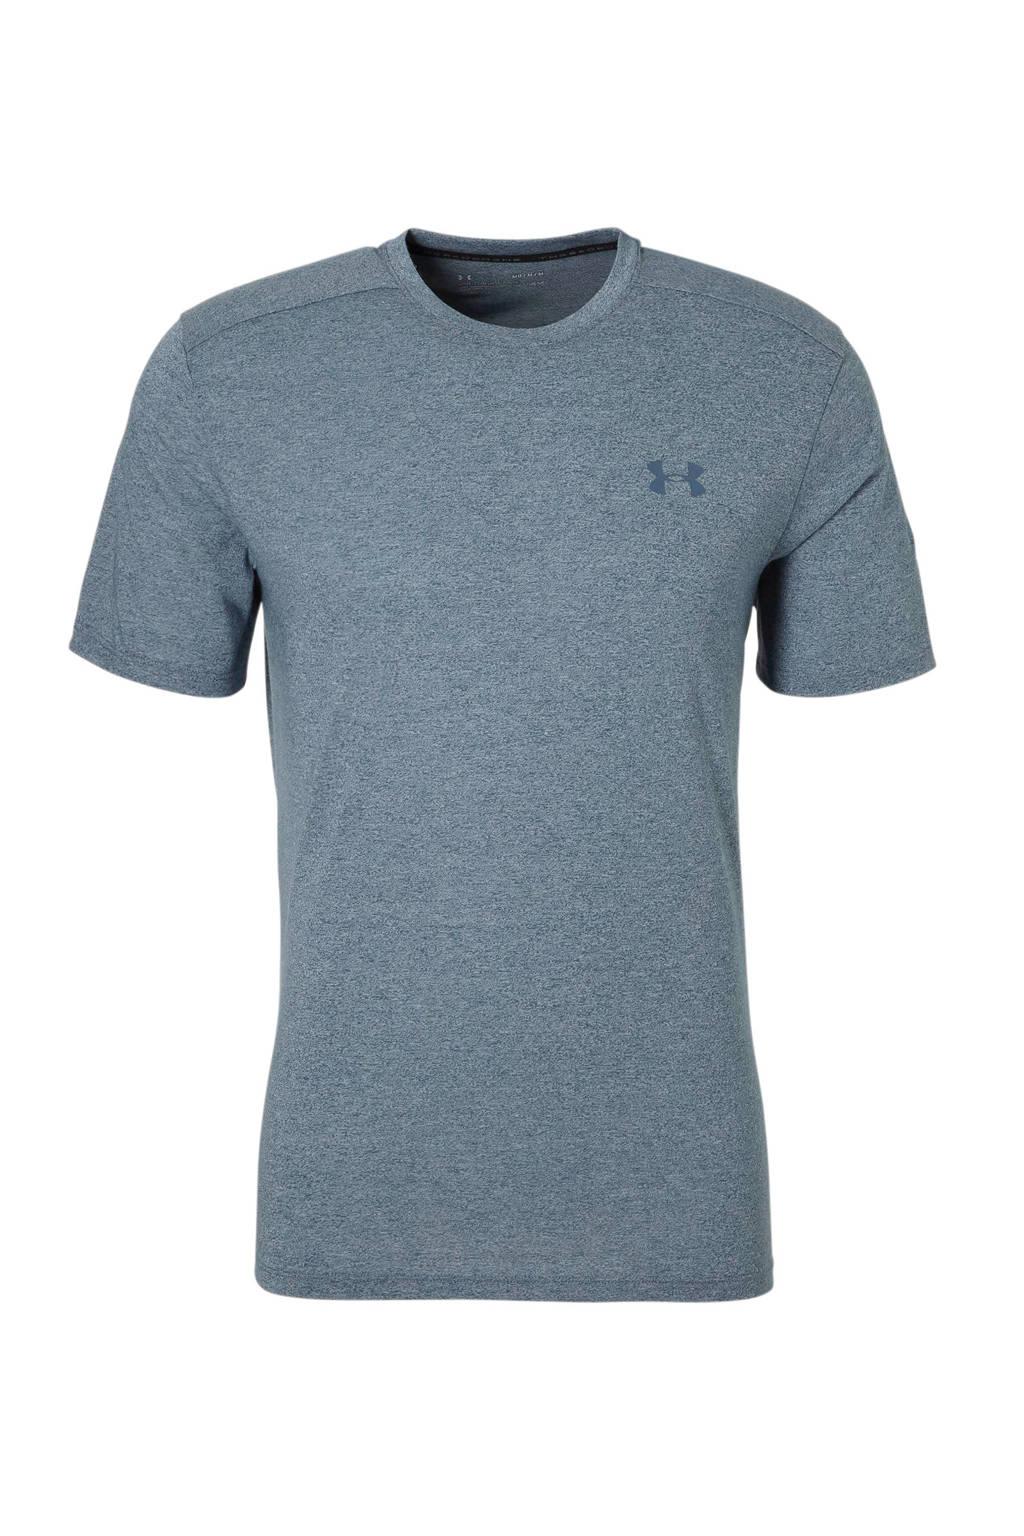 Under Armour   sport T-shirt blauw, blauw melange